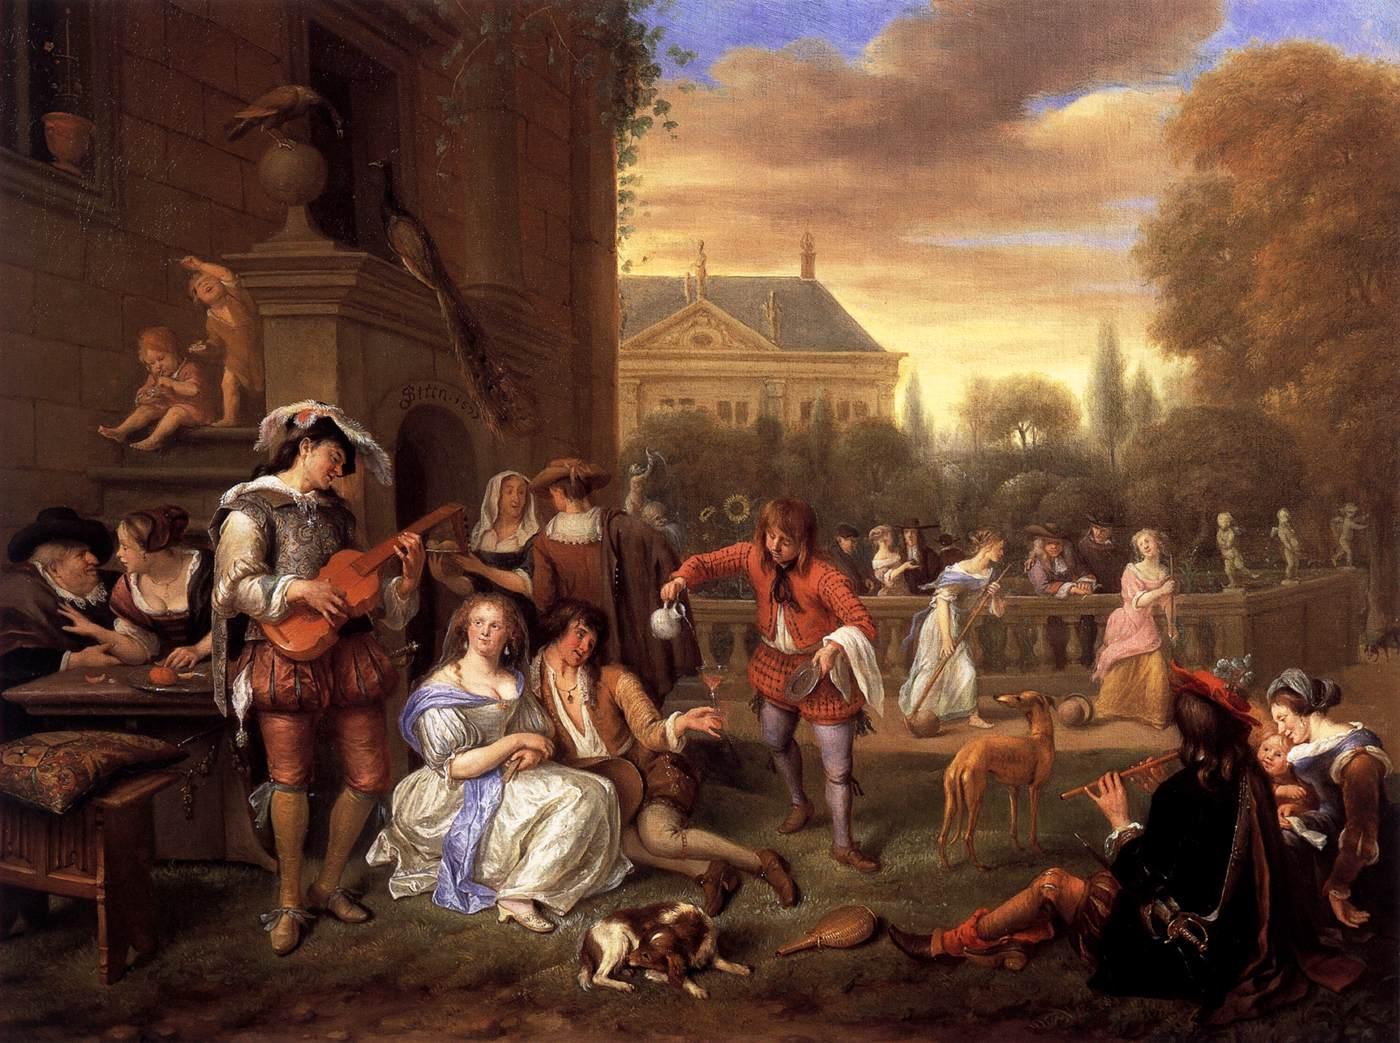 File:Jan Steen - Garden Party - WGA21762.jpg - Wikimedia Commons